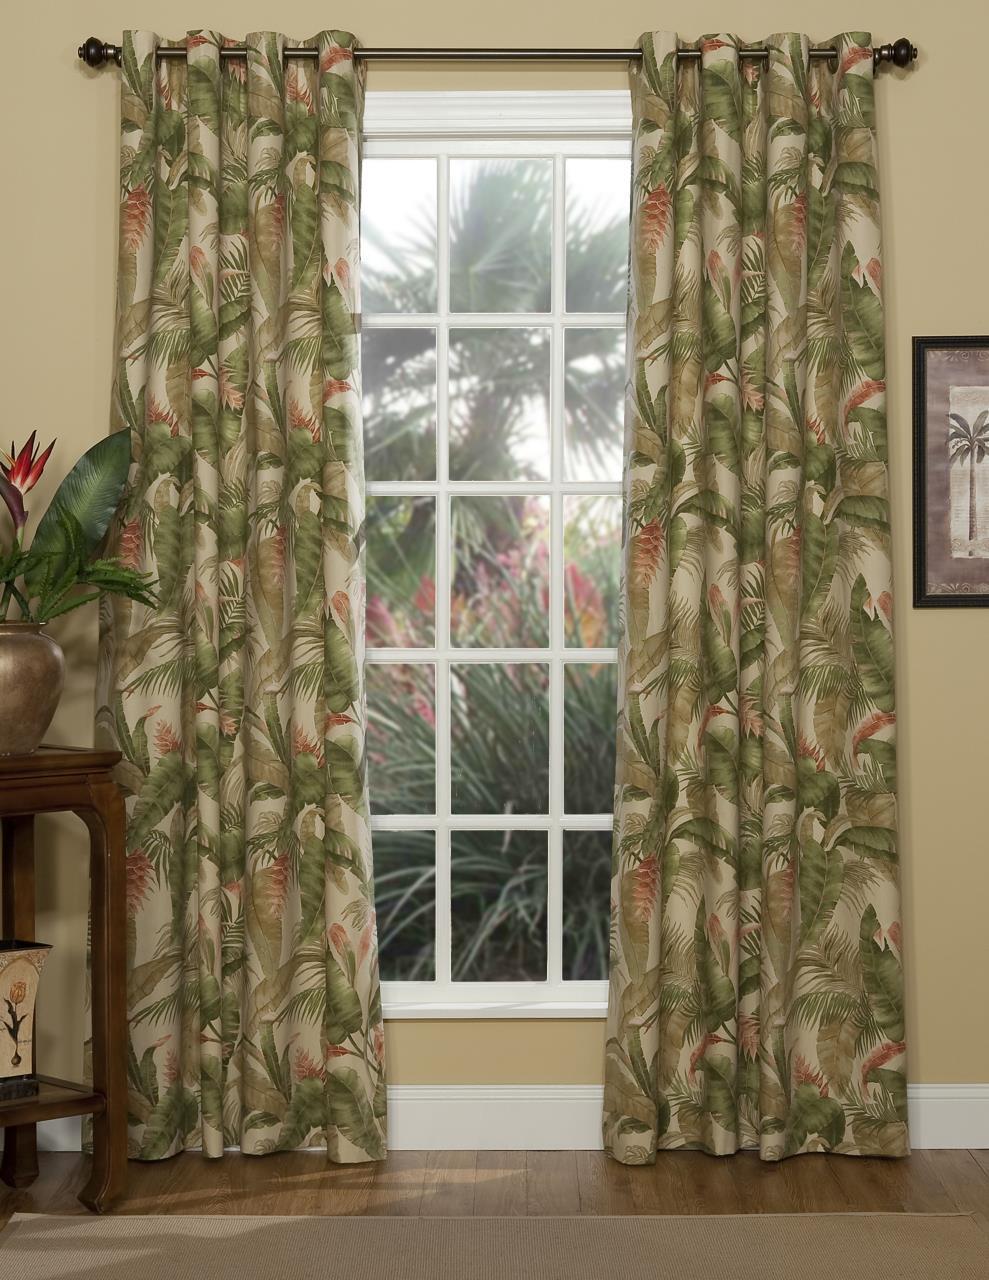 La Selva Natural Grommet Curtains - 138641050198